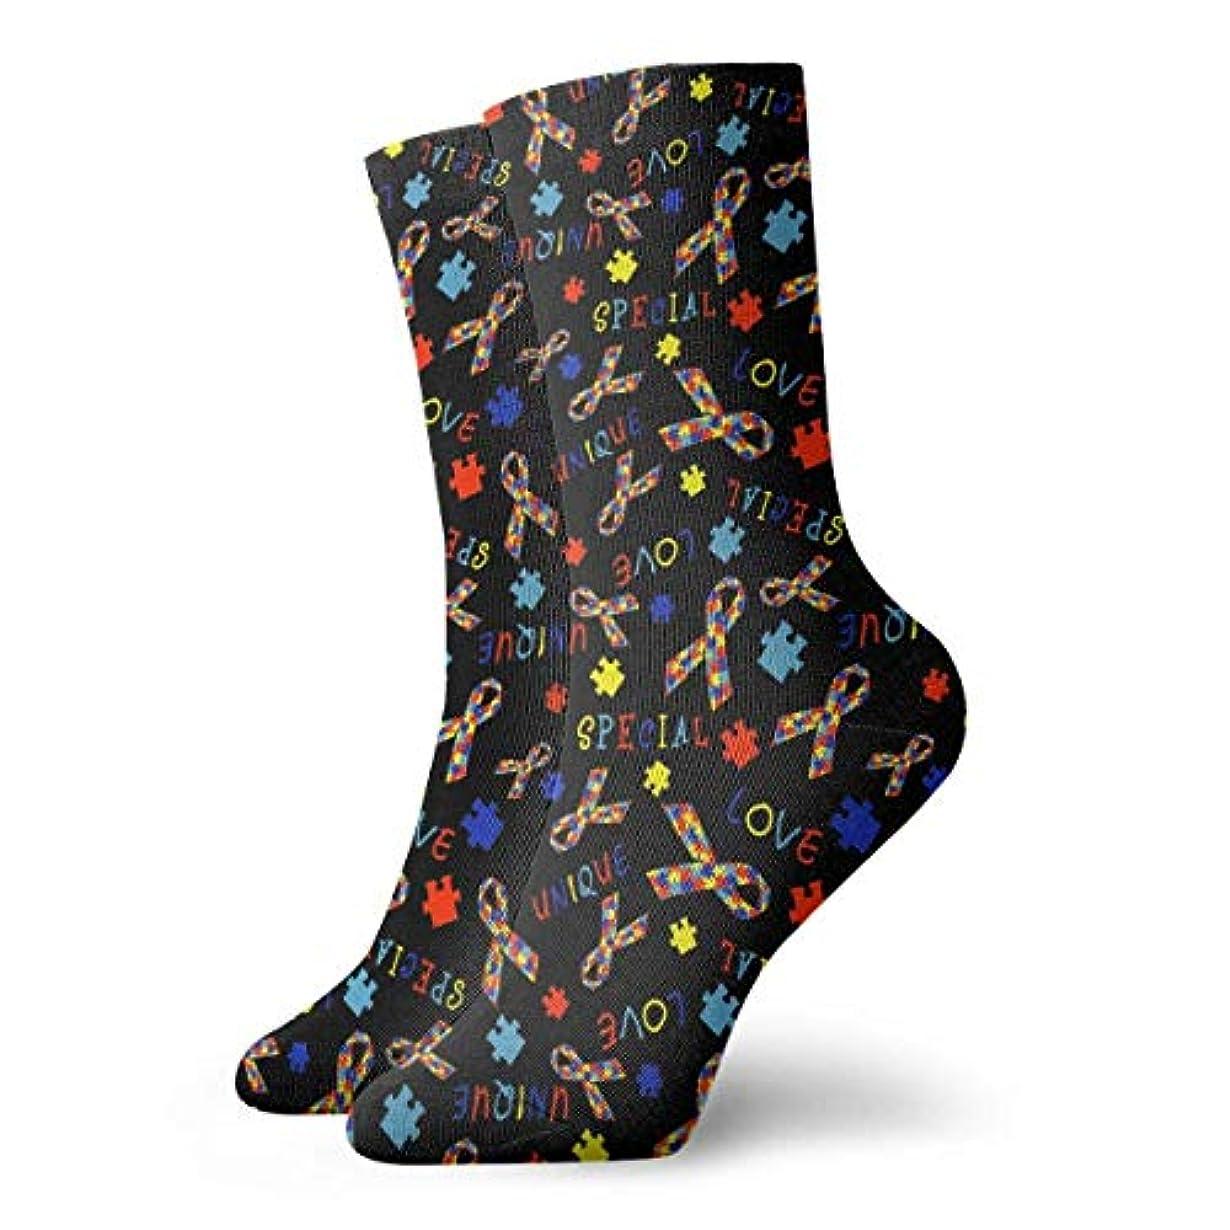 どれでも同僚思いやりのあるクリス女性自閉症特別な愛ソフトクリスマス膝高ストッキング靴下、クリスマス楽しいカラフルな靴下ソックス